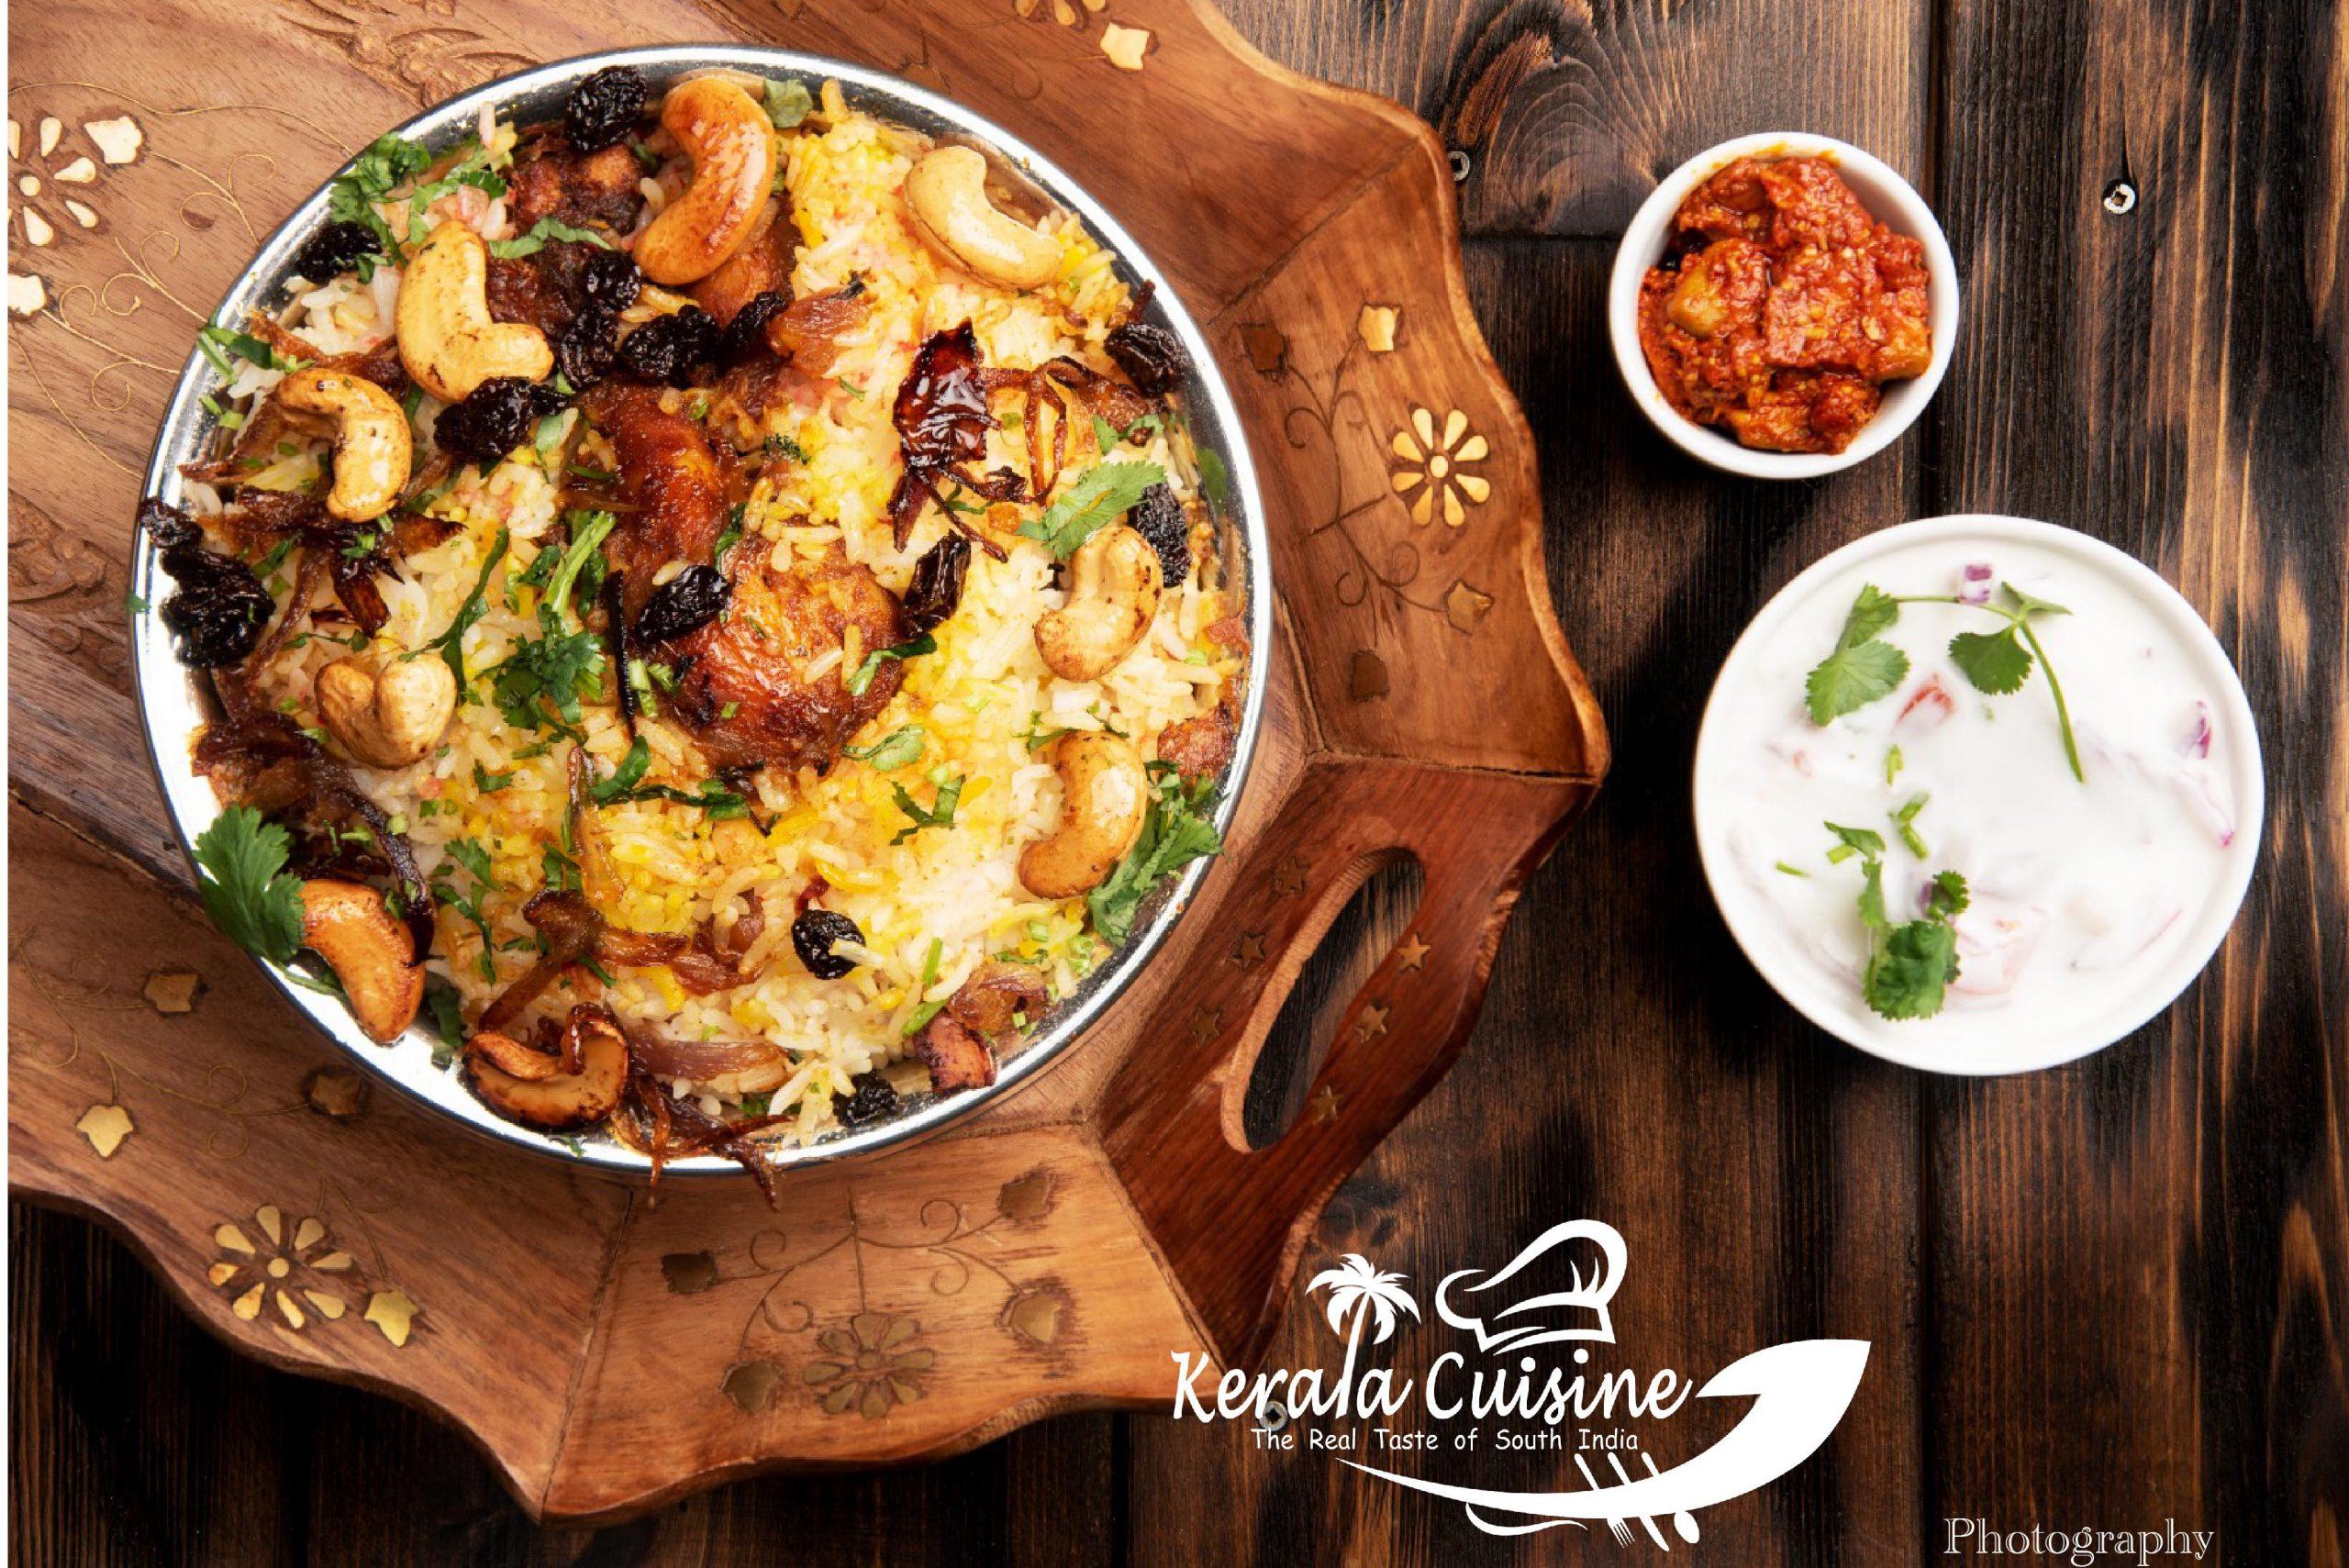 Kerala Cuisine Restaurant – Niagara Falls